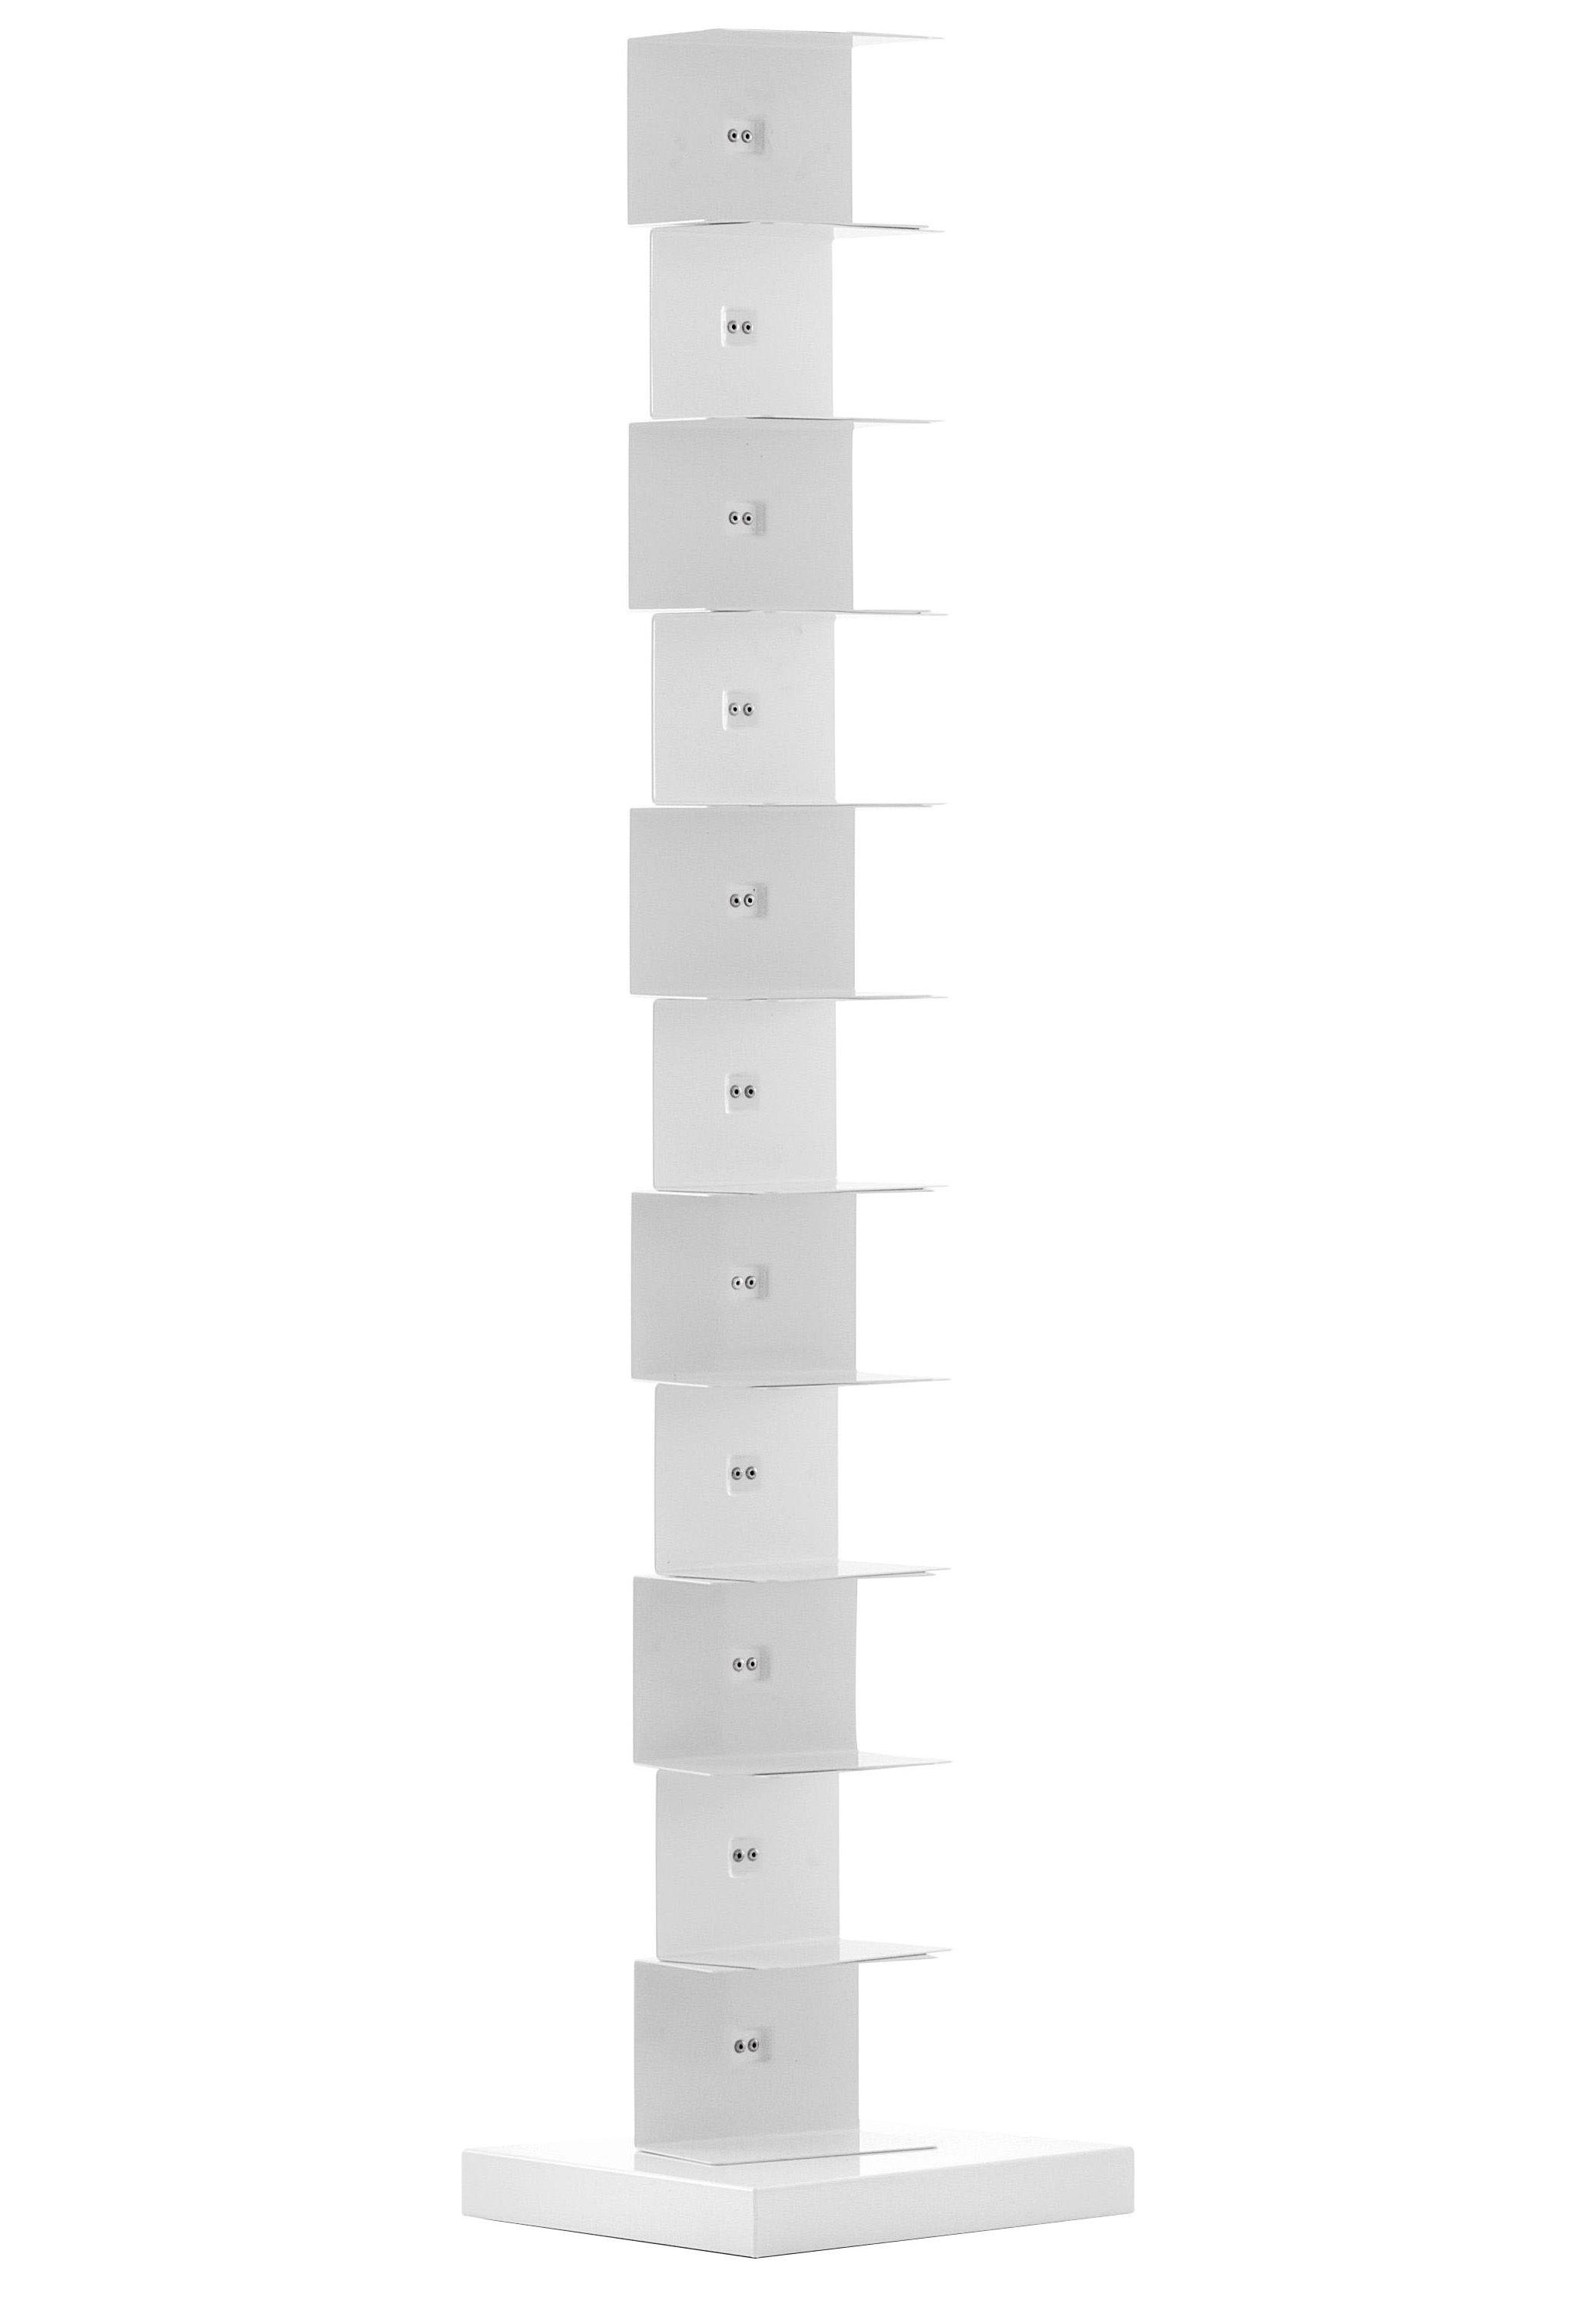 Arredamento - Scaffali e librerie - Libreria Ptolomeo - 1 lato - H 160 cm di Opinion Ciatti - H 160 cm - Bianco - Acciaio laccato